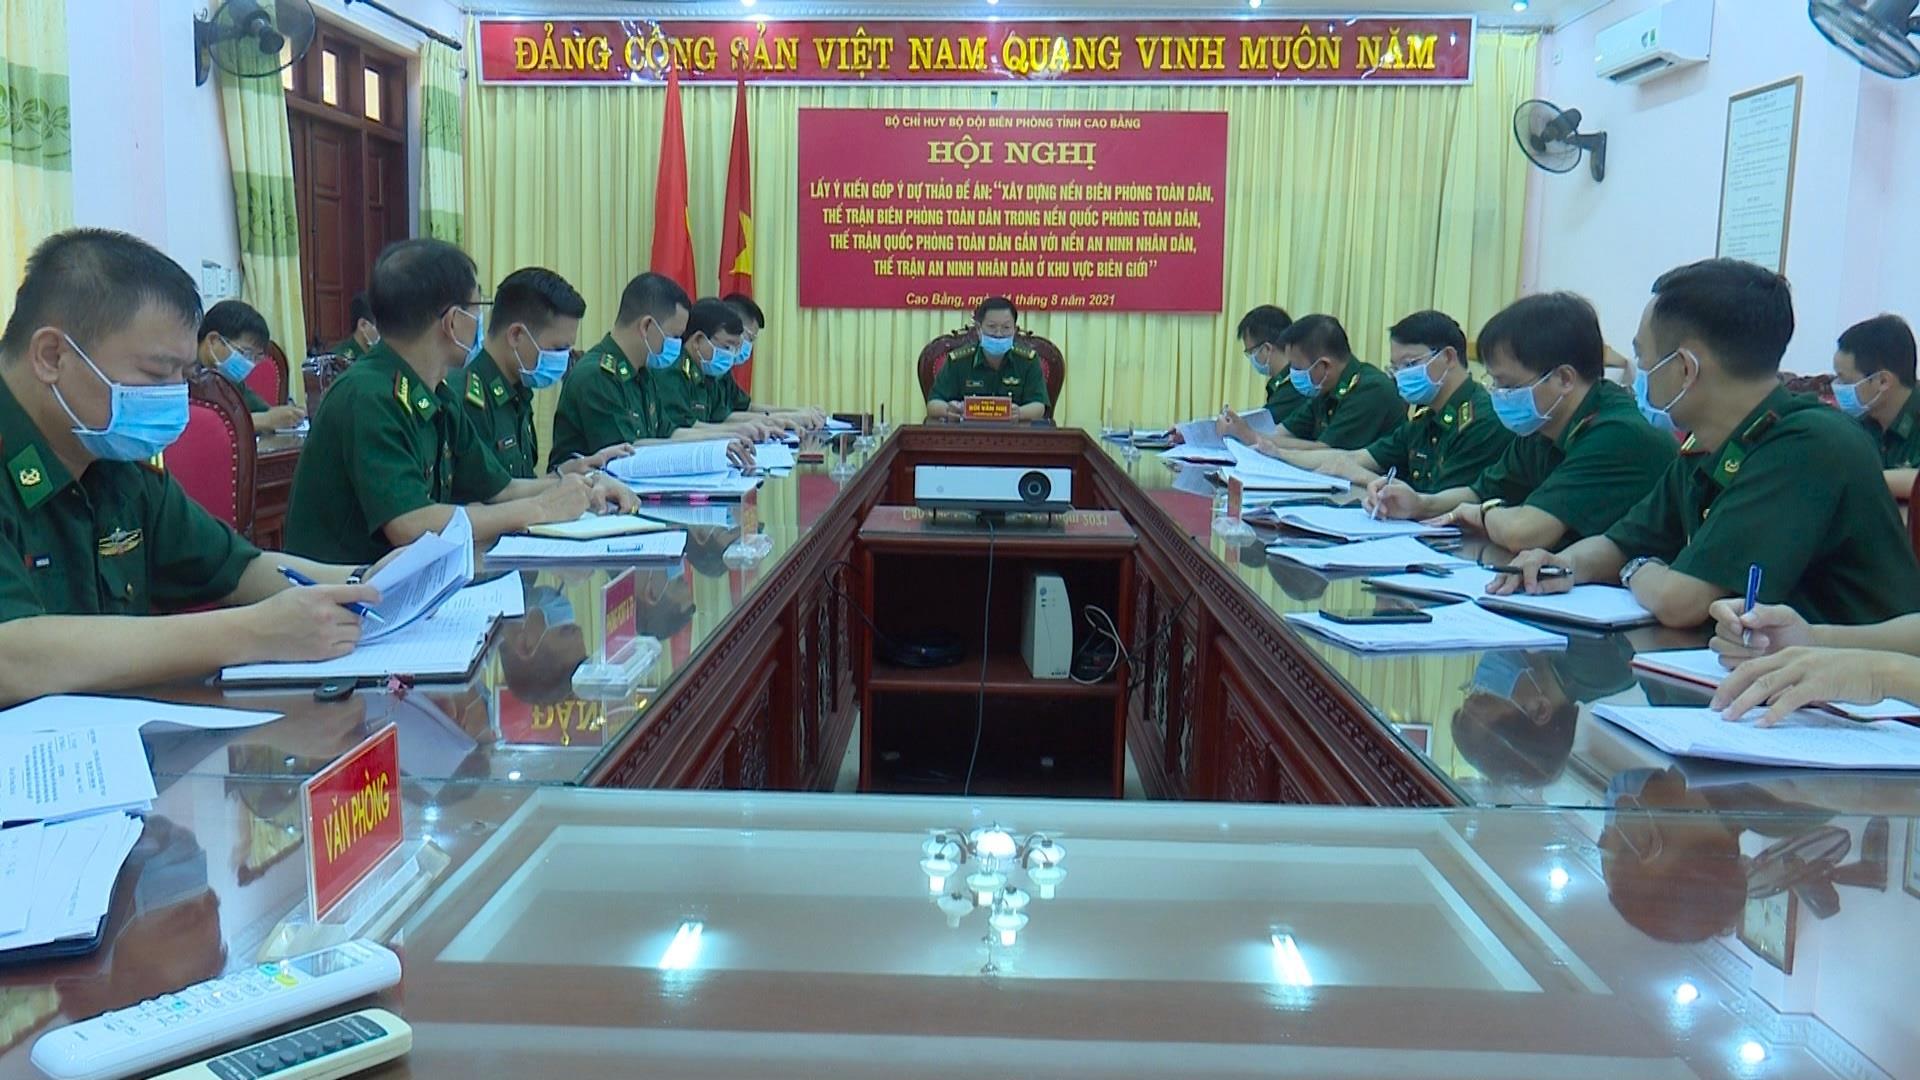 Hội nghị lấy ý kiến dự thảo Đề án Xây dựng nền biên phòng toàn dân